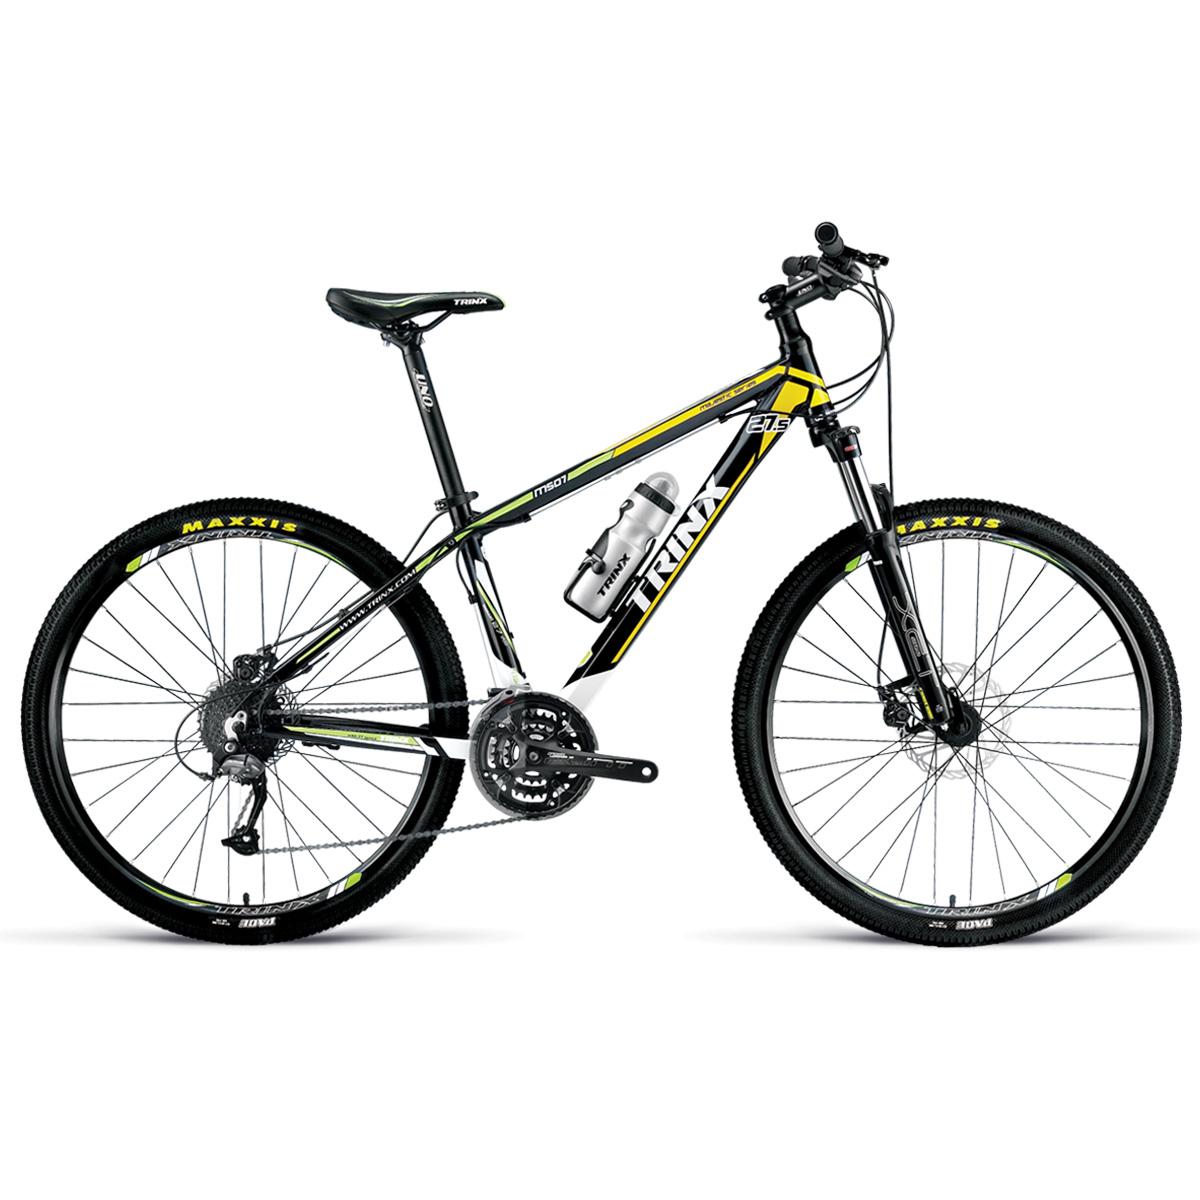 دوچرخه کوهستان ترینکس مدل M507 سایز 27.5 سال 2016 Trinx M507